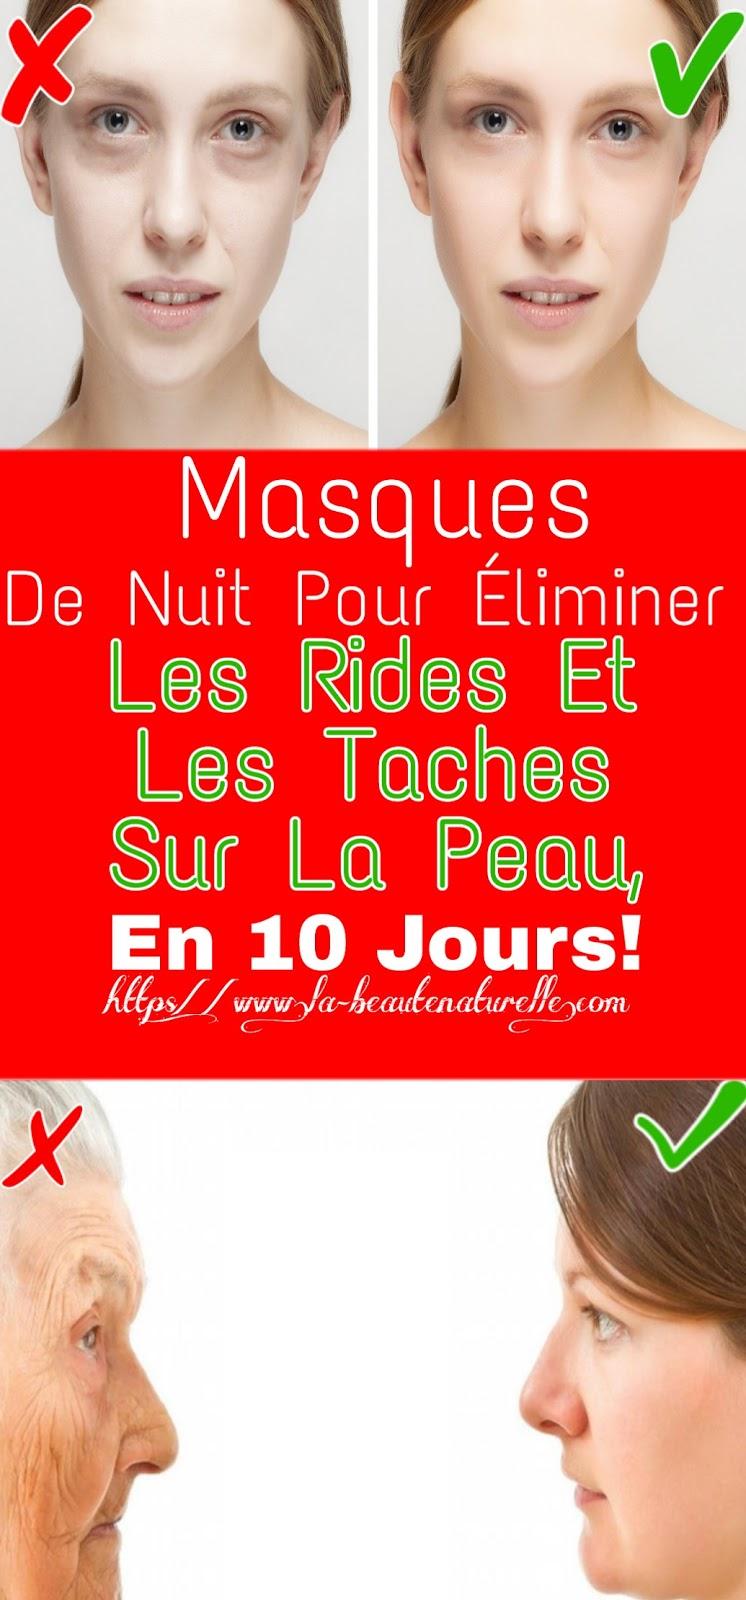 Masques De Nuit Pour Éliminer Les Rides Et Les Taches Sur La Peau, En 10 Jours!